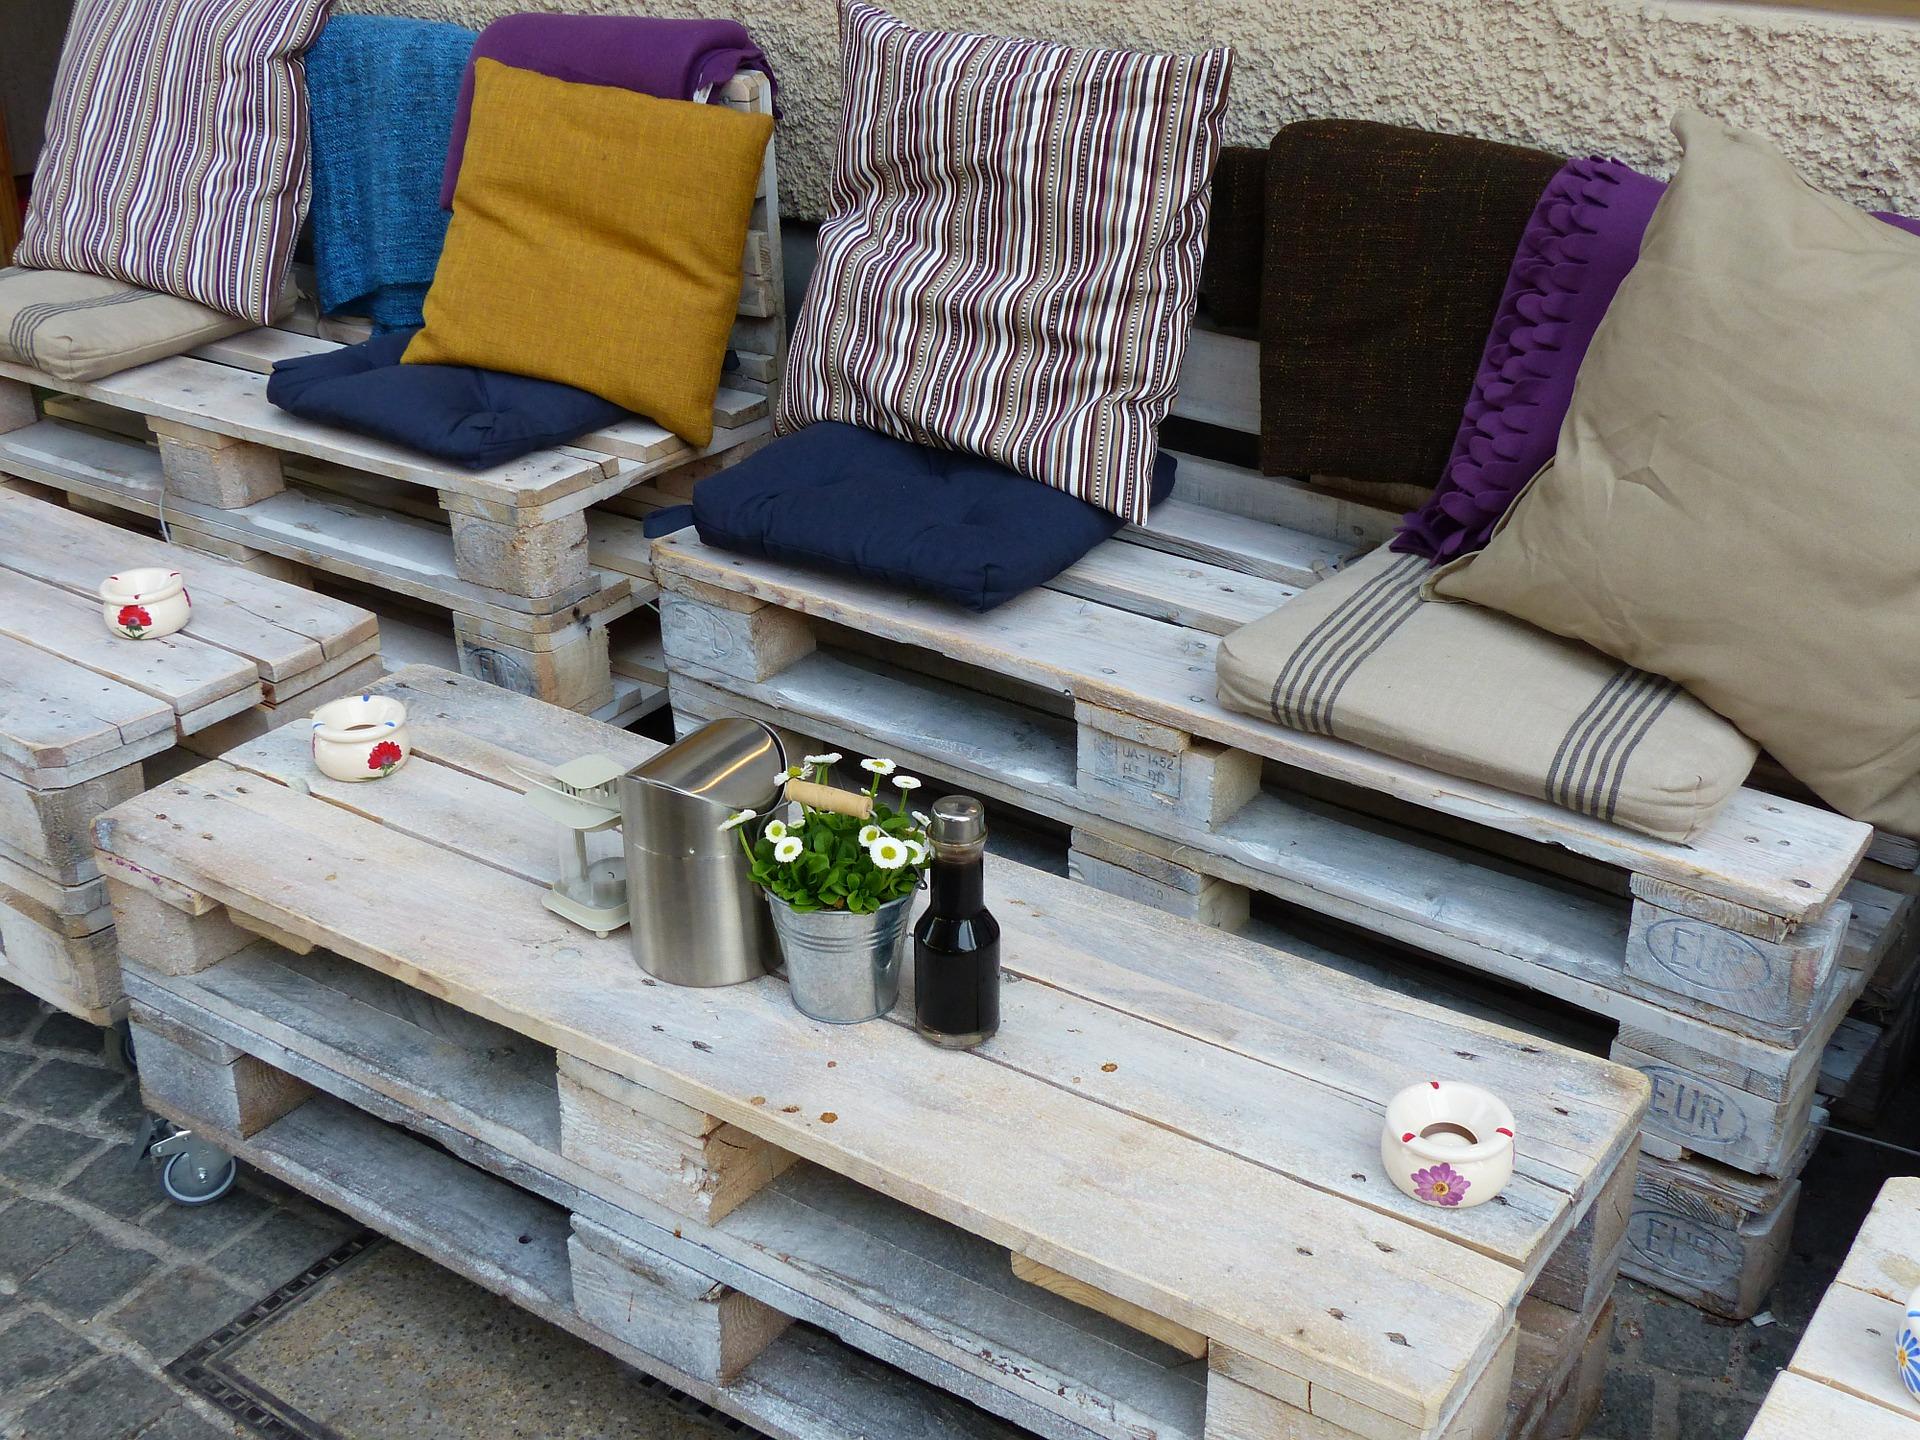 Idée Déco Avec Des Palettes 12 idées de décoration avec la palette en bois |